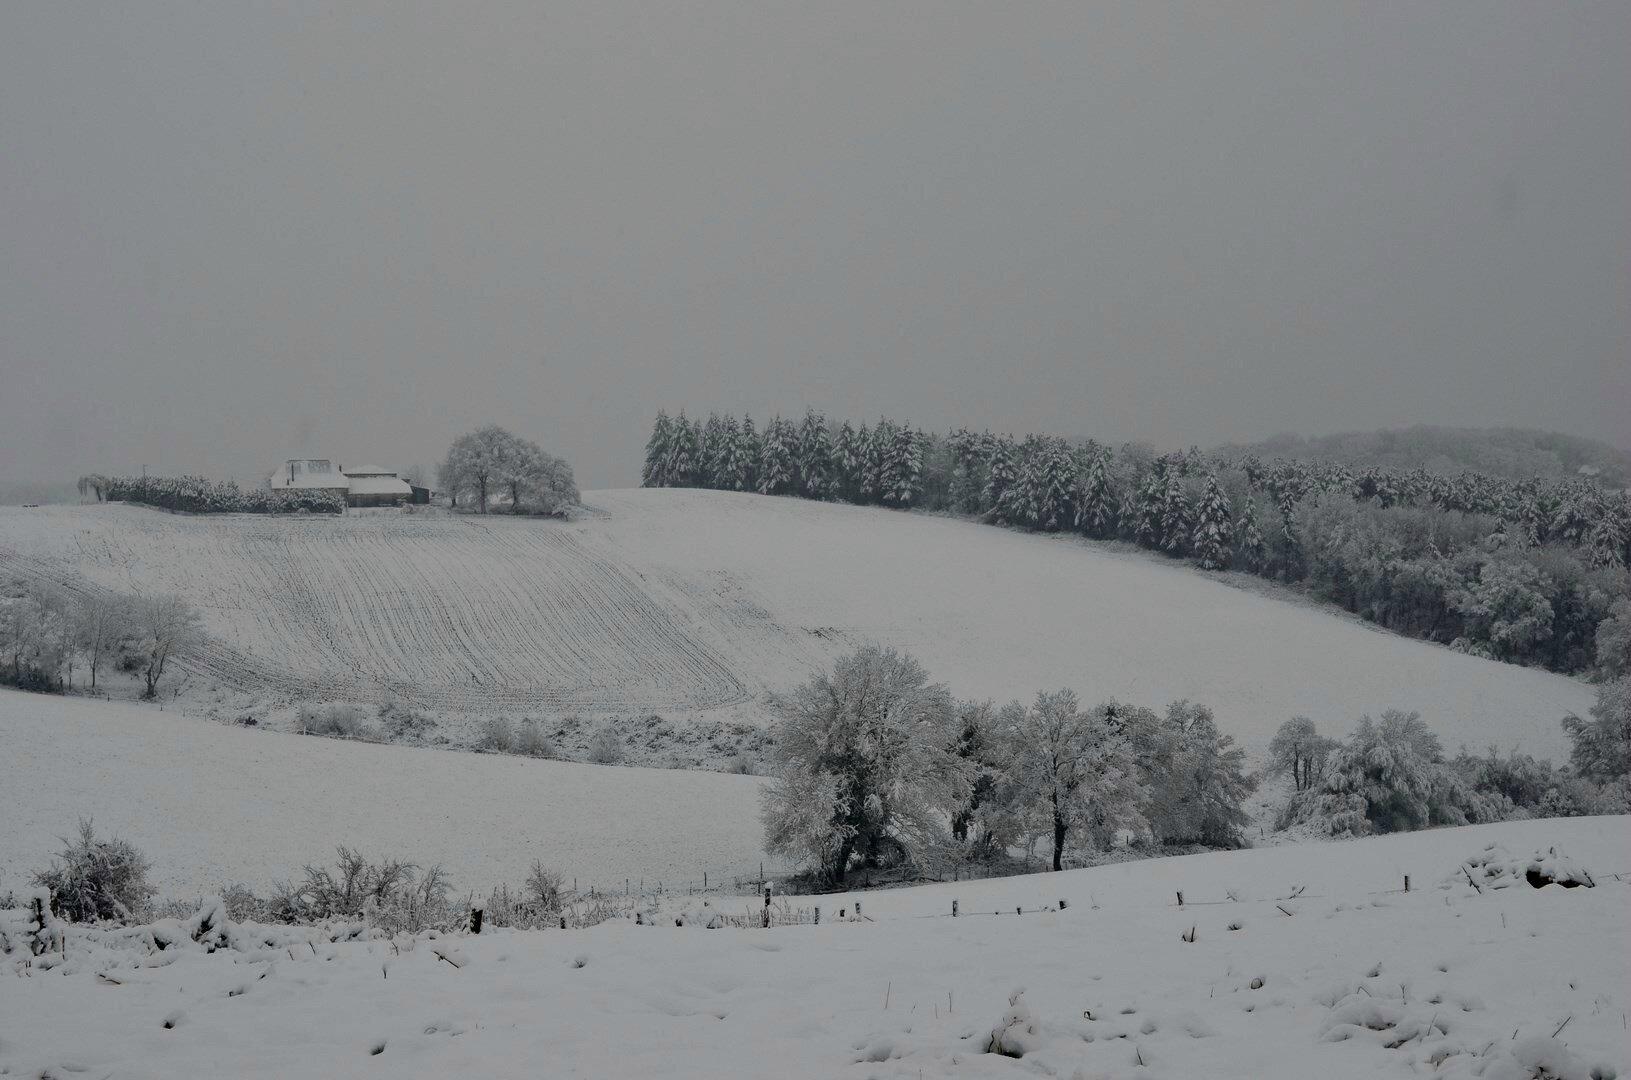 Vers la route de Sauveterre à Burgaronne...